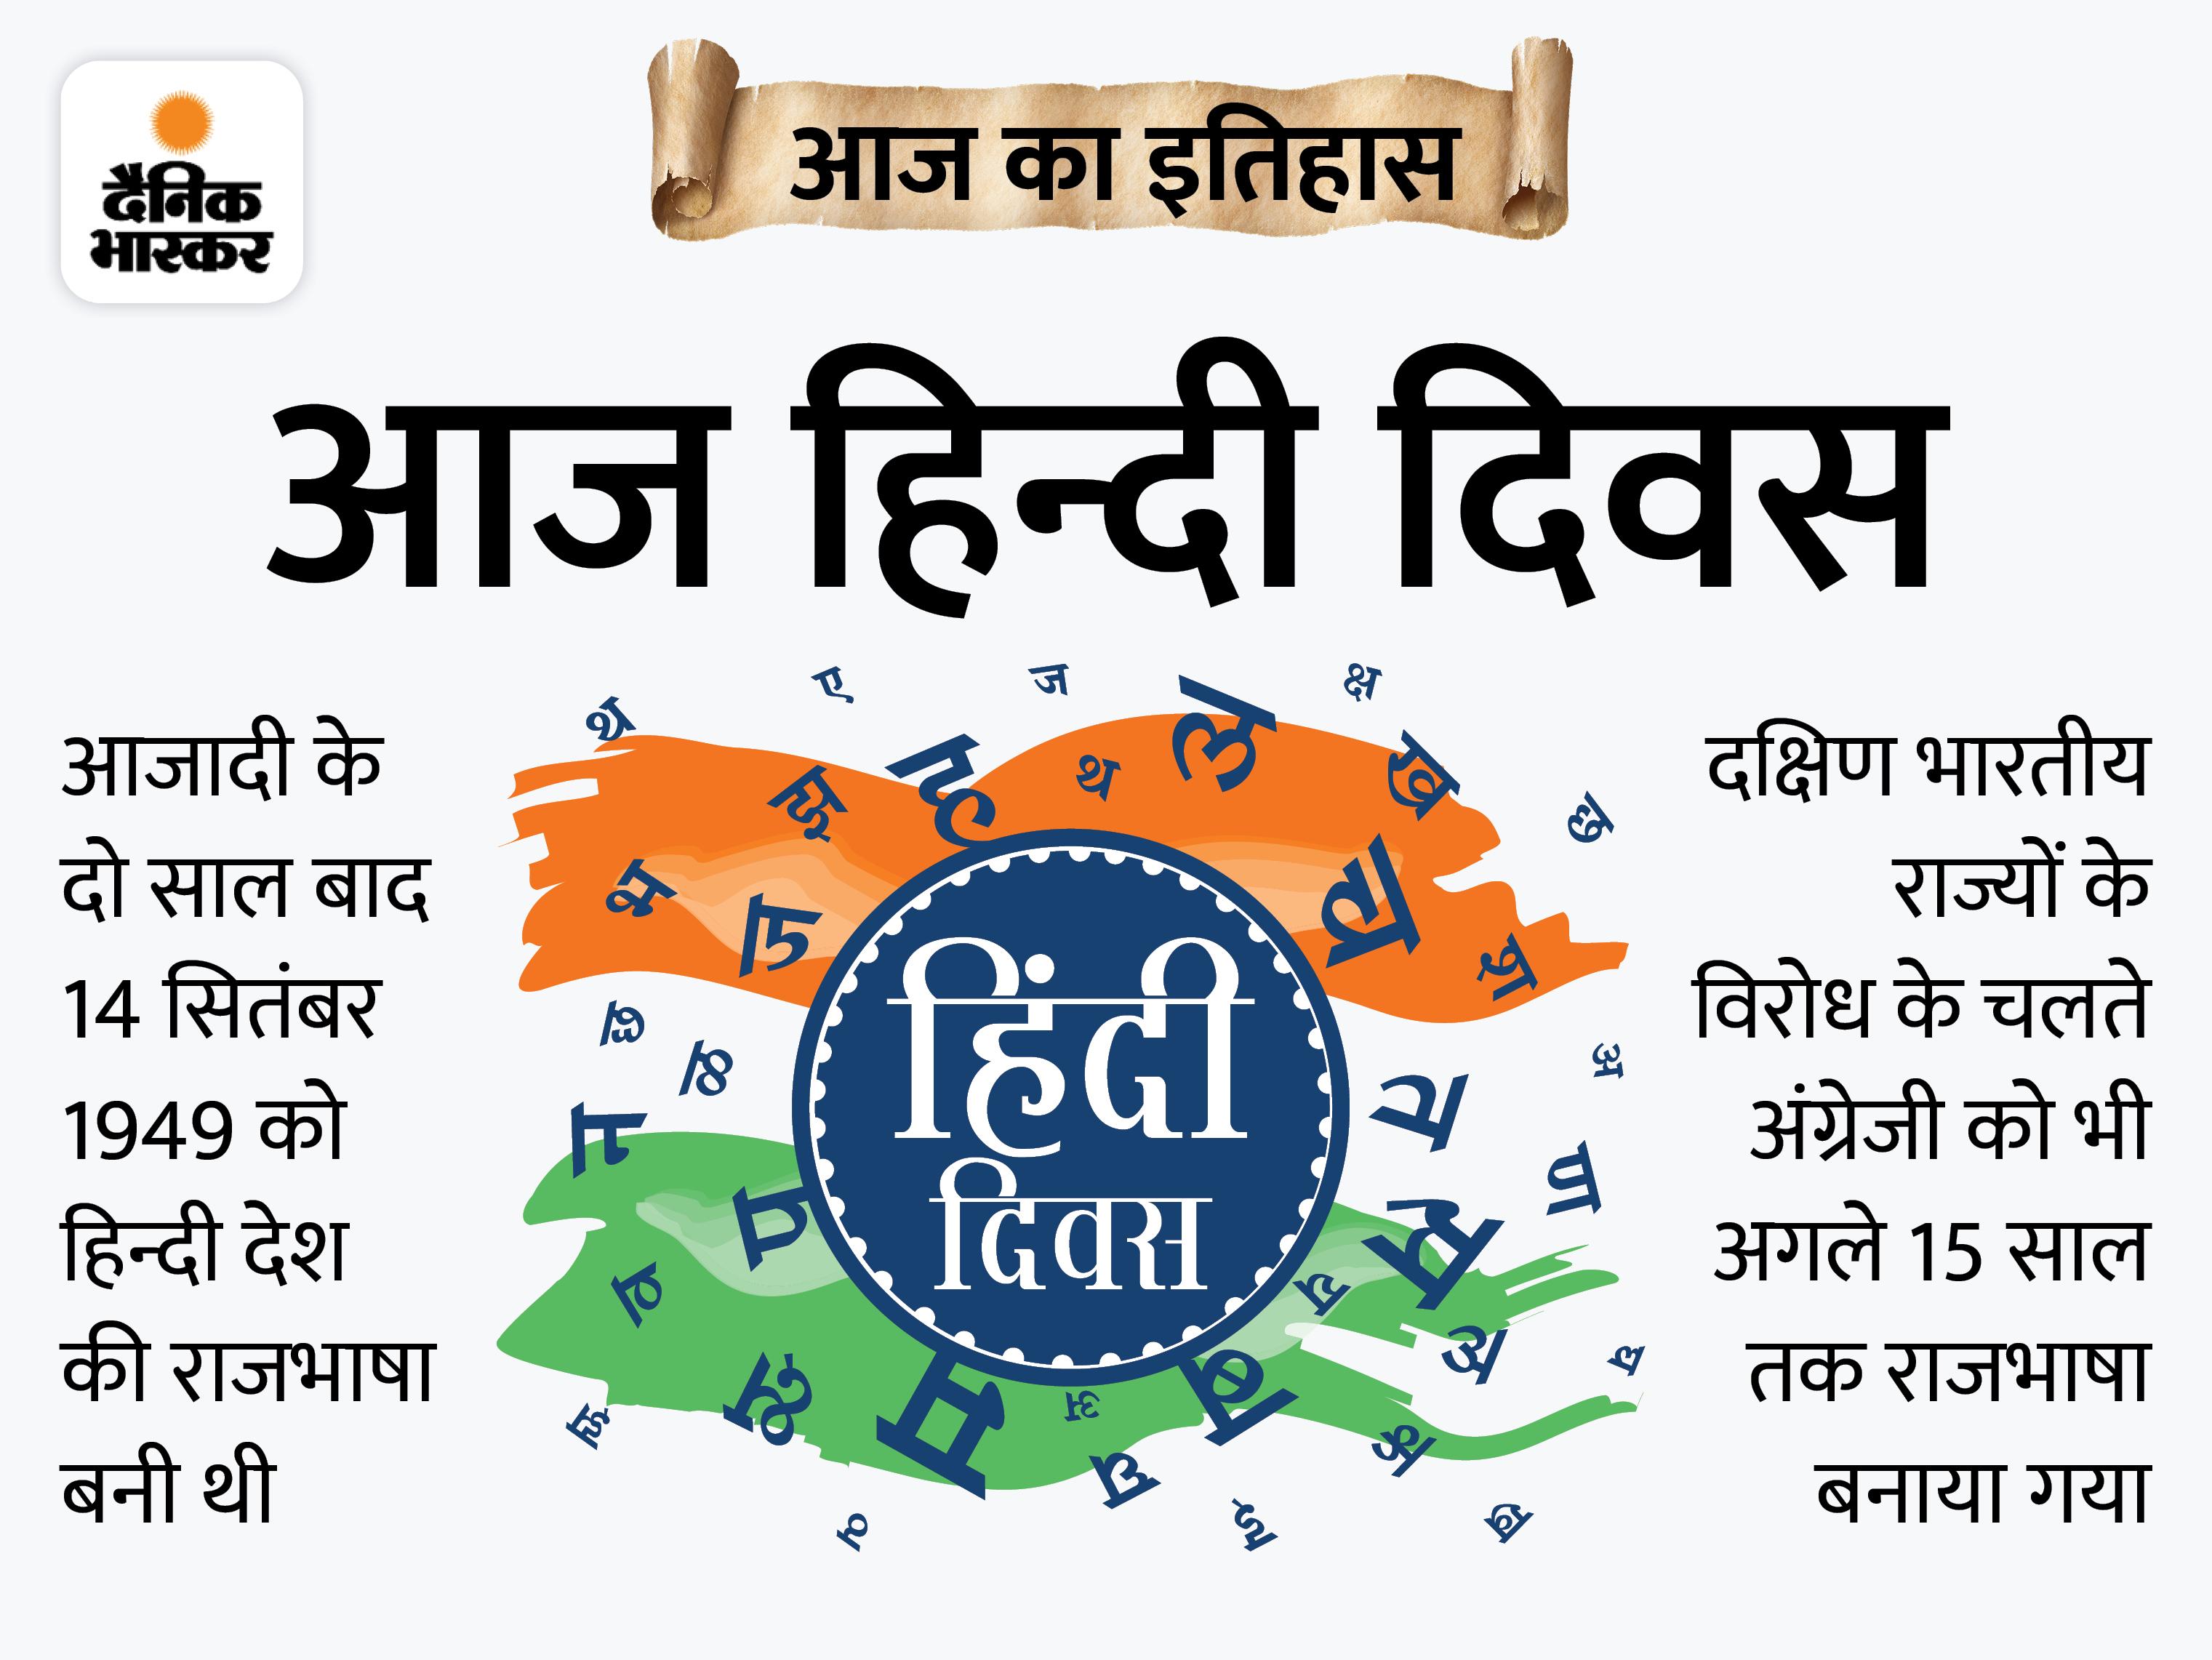 72 साल पहले हिन्दी राजभाषा बनी, 1953 से हर साल 14 सितंबर को मनाया जाता है हिन्दी दिवस|देश,National - Dainik Bhaskar